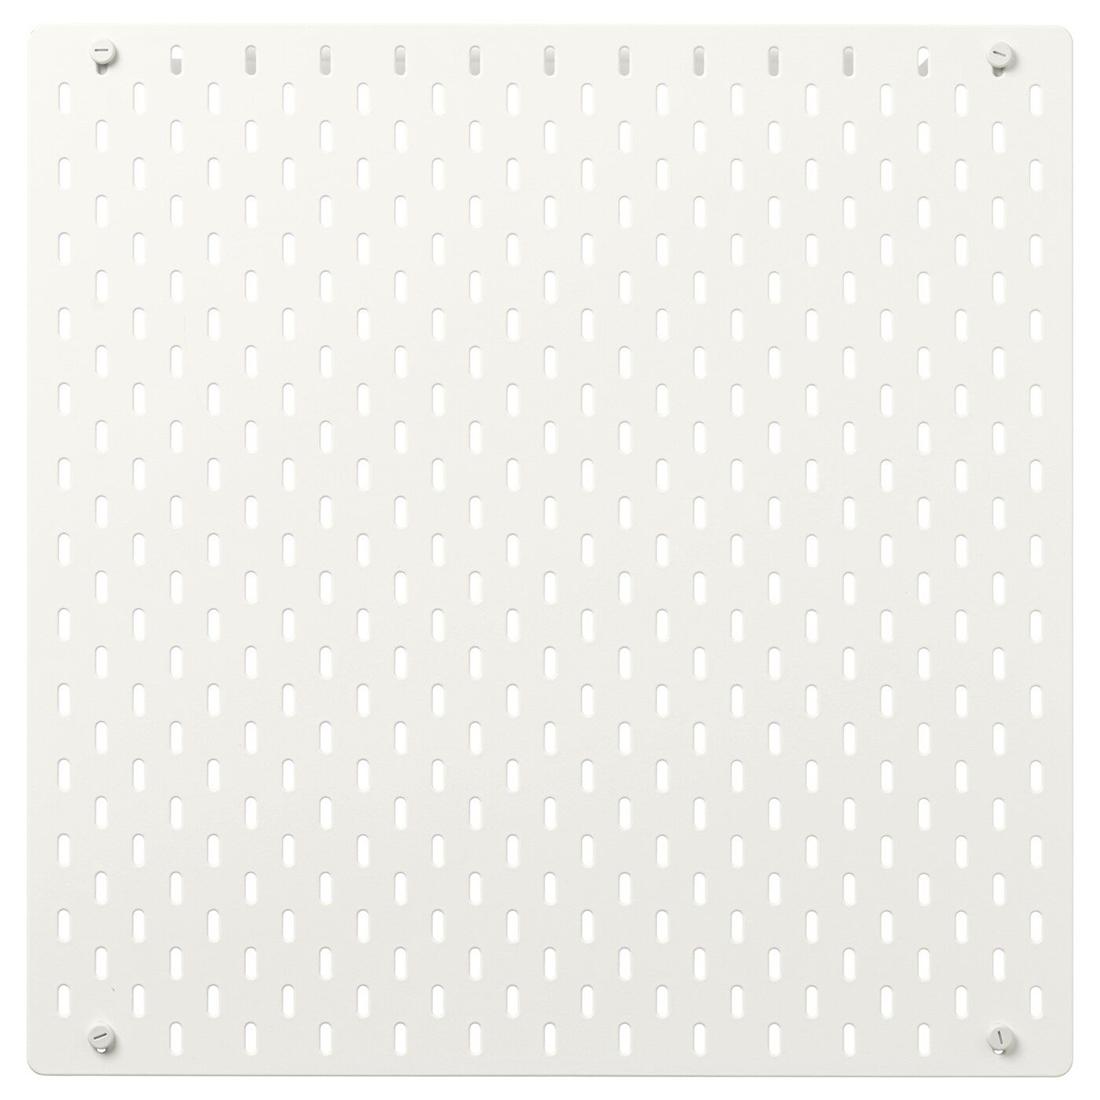 Настенная панель, белый, 56x56 см СКОДИС [903.621.34] 903.621.34